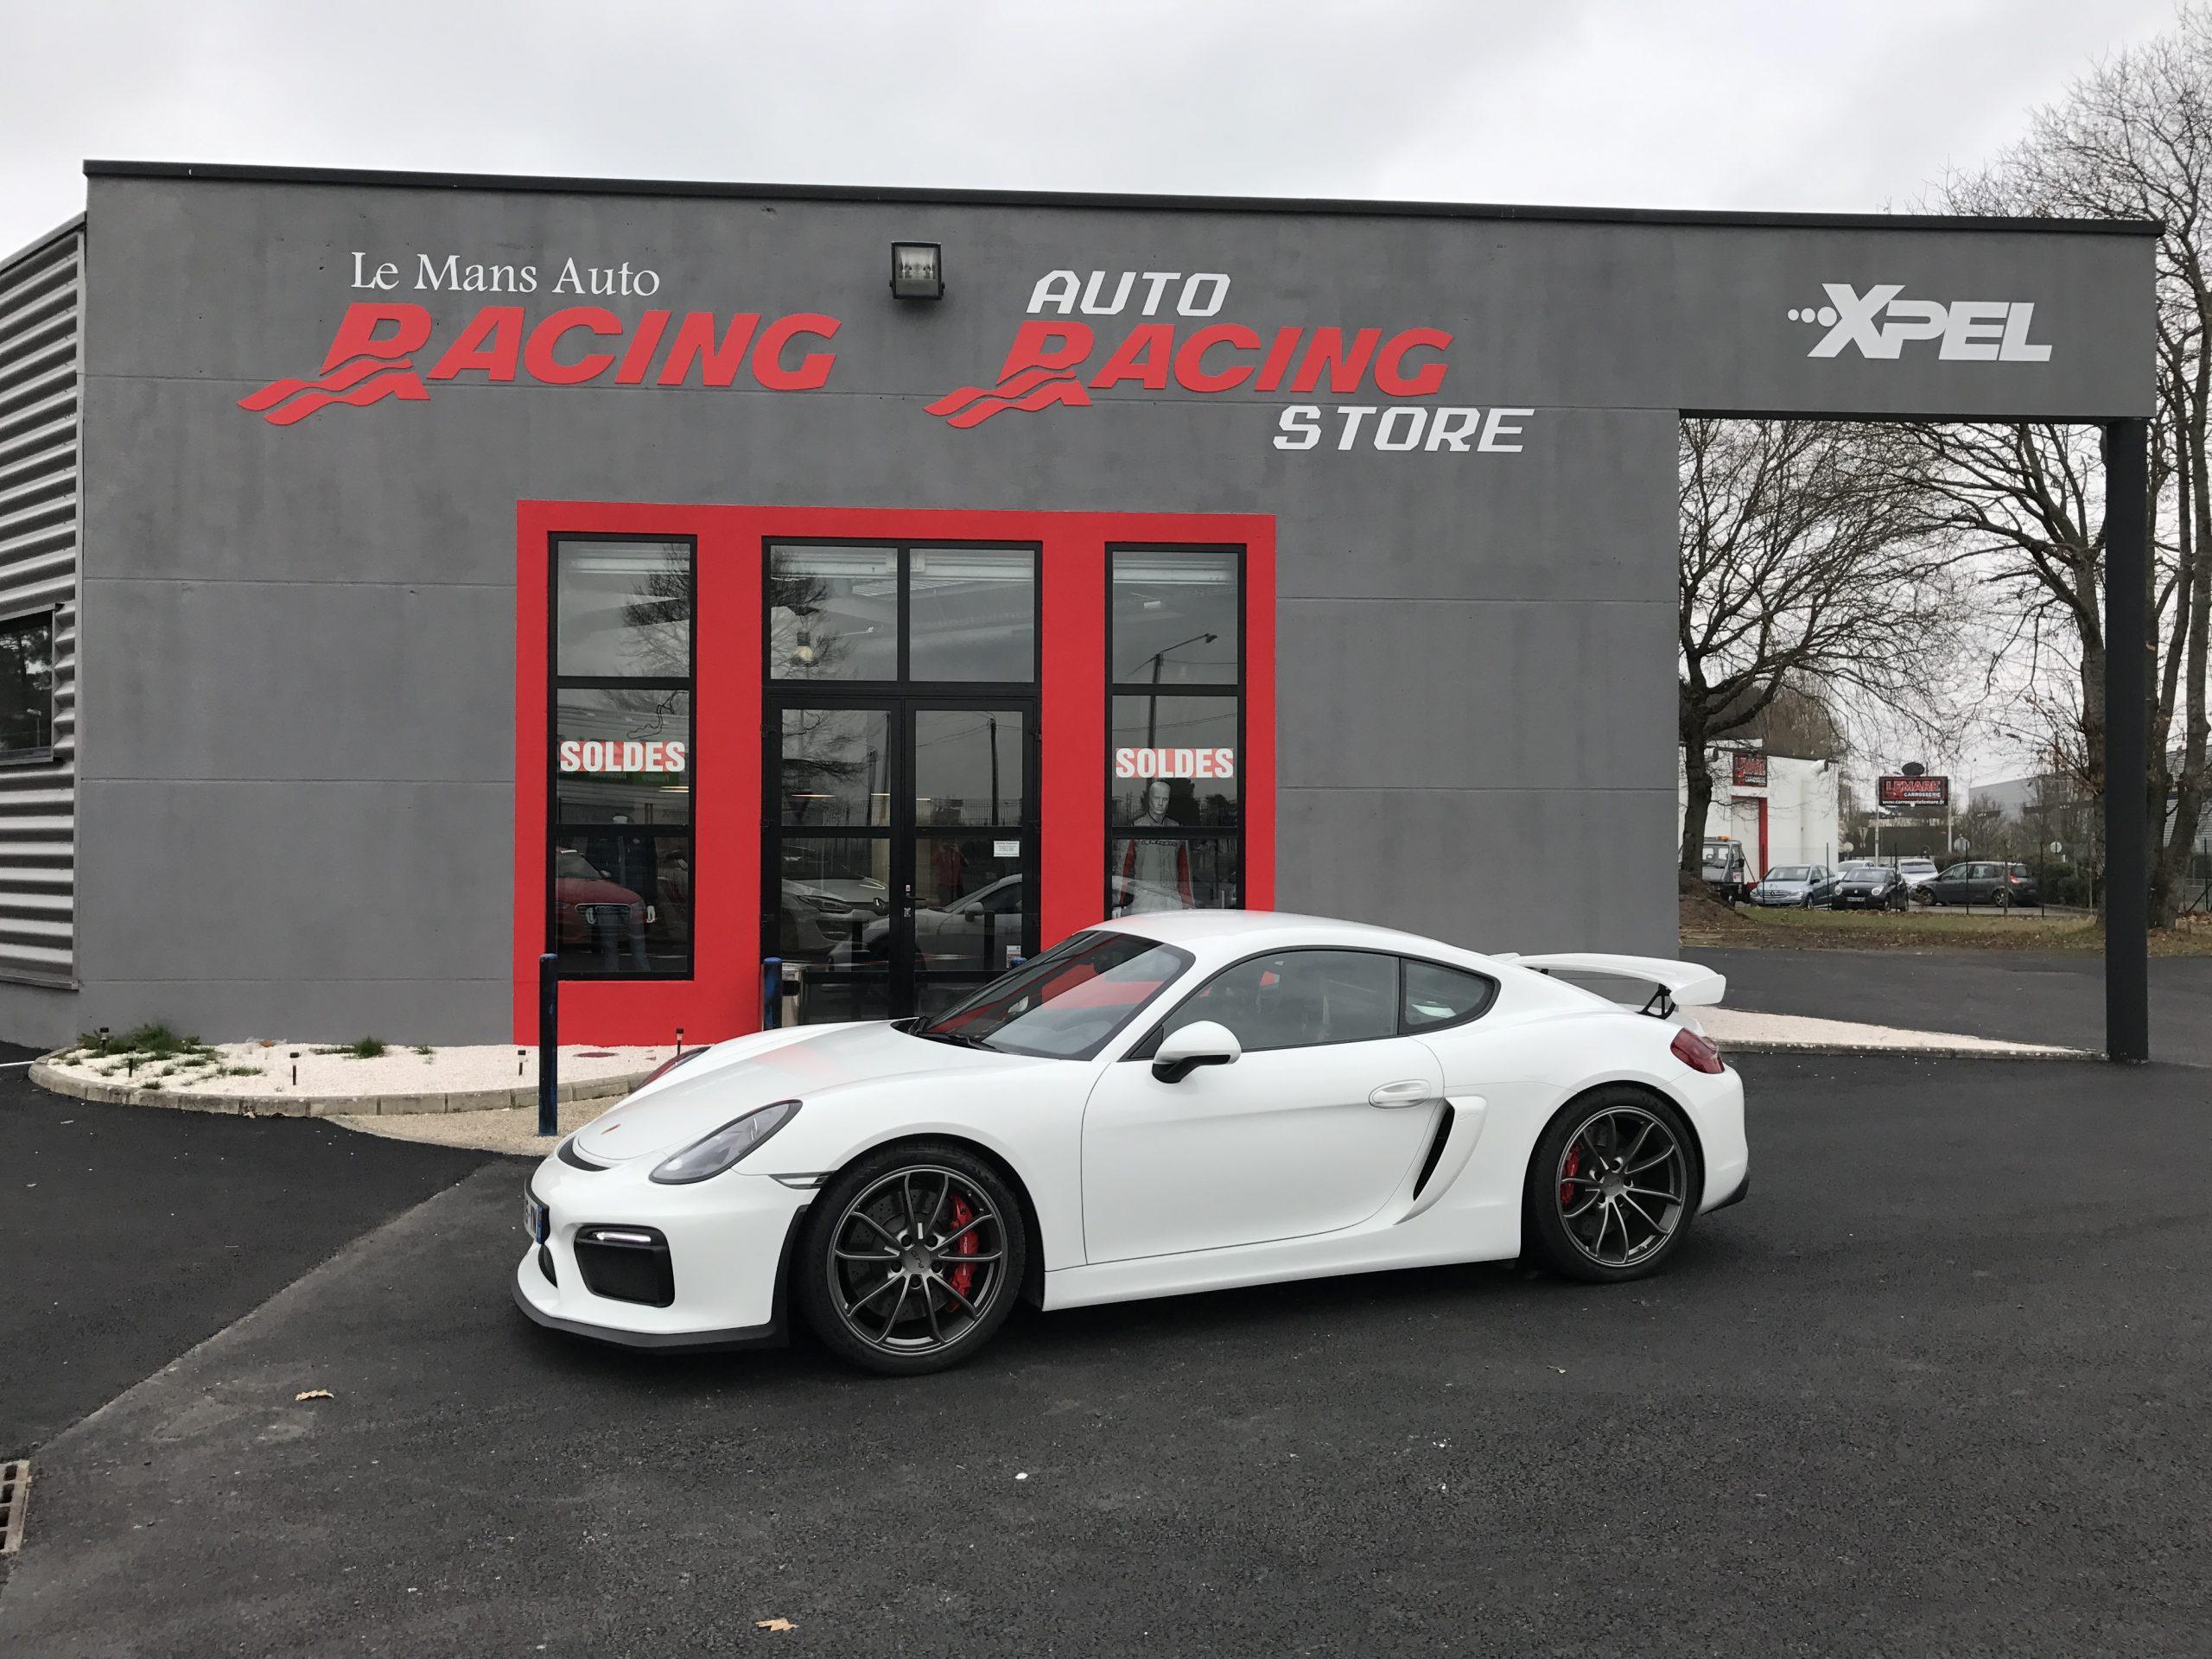 Porsche Cayman 981 GT4 le mans auto racing